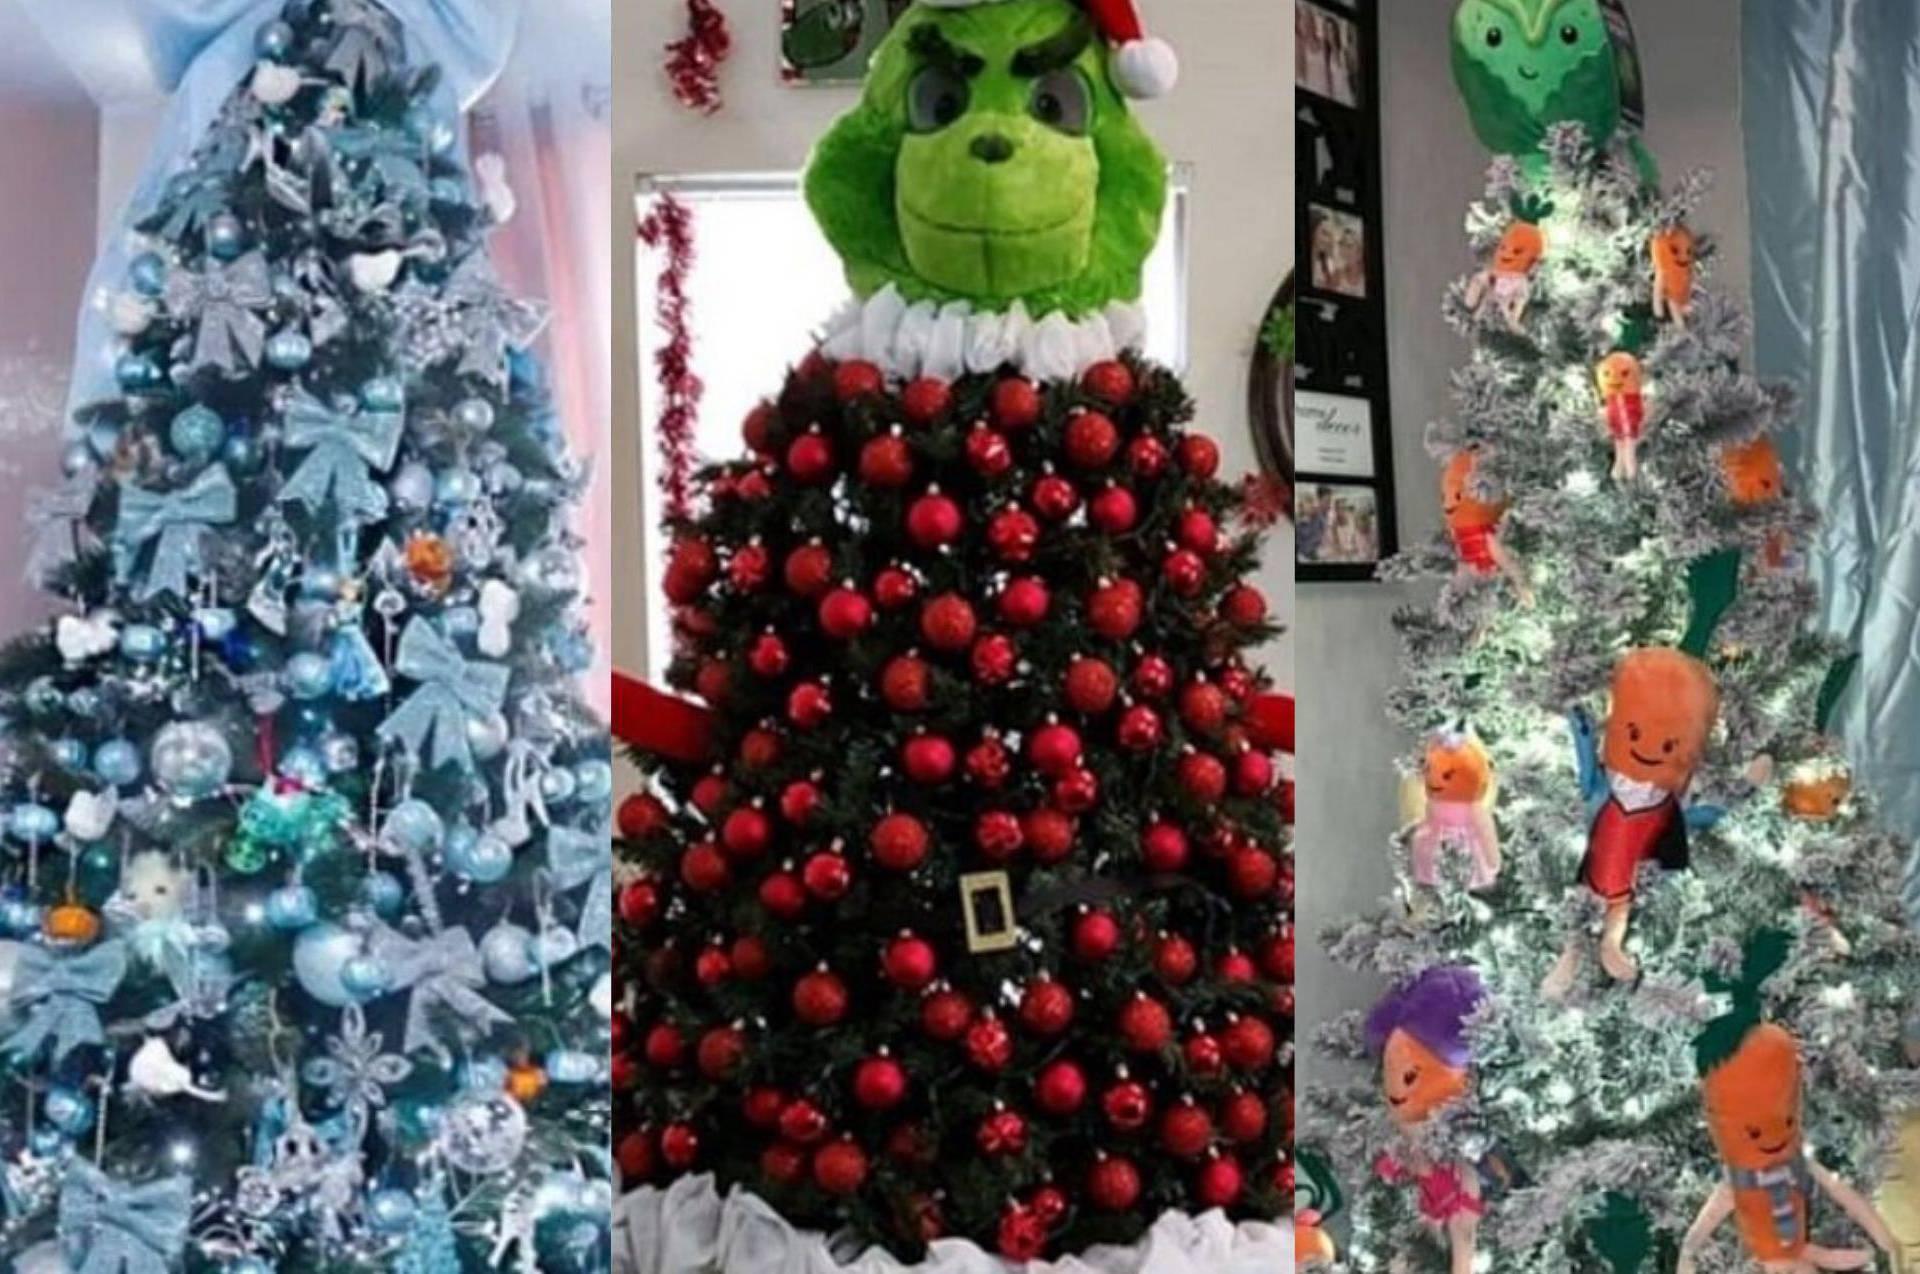 Fanovi raznih filmova pokazali svoja originalna božićna drvca